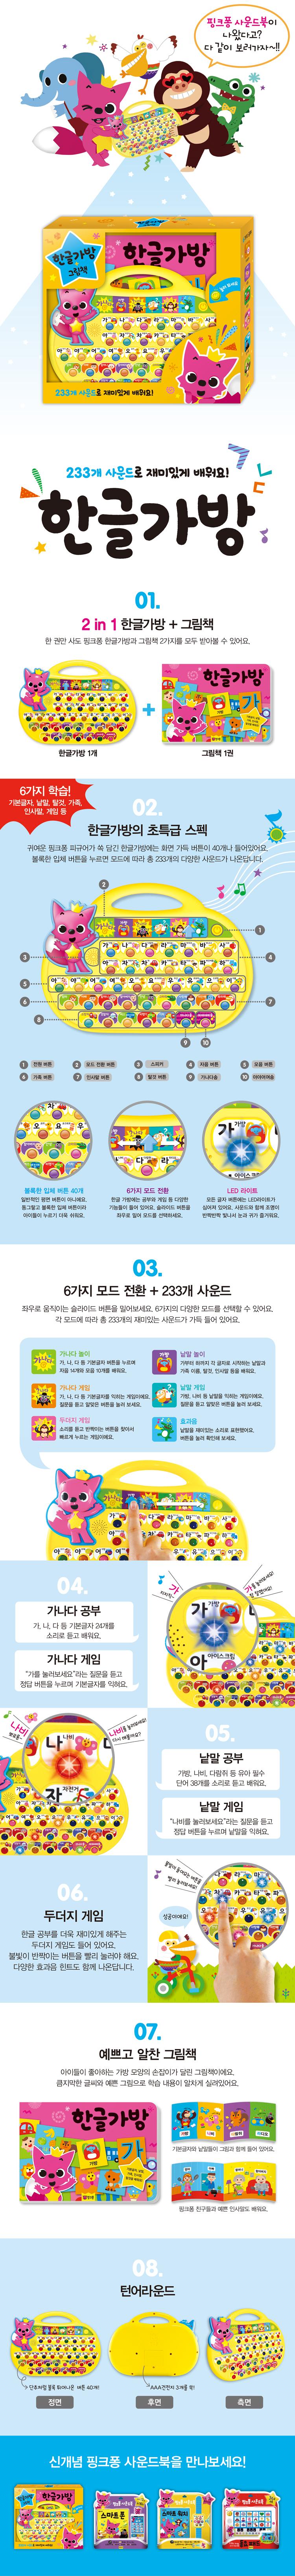 삼성출판사 핑크퐁 사운드북. 한글가방